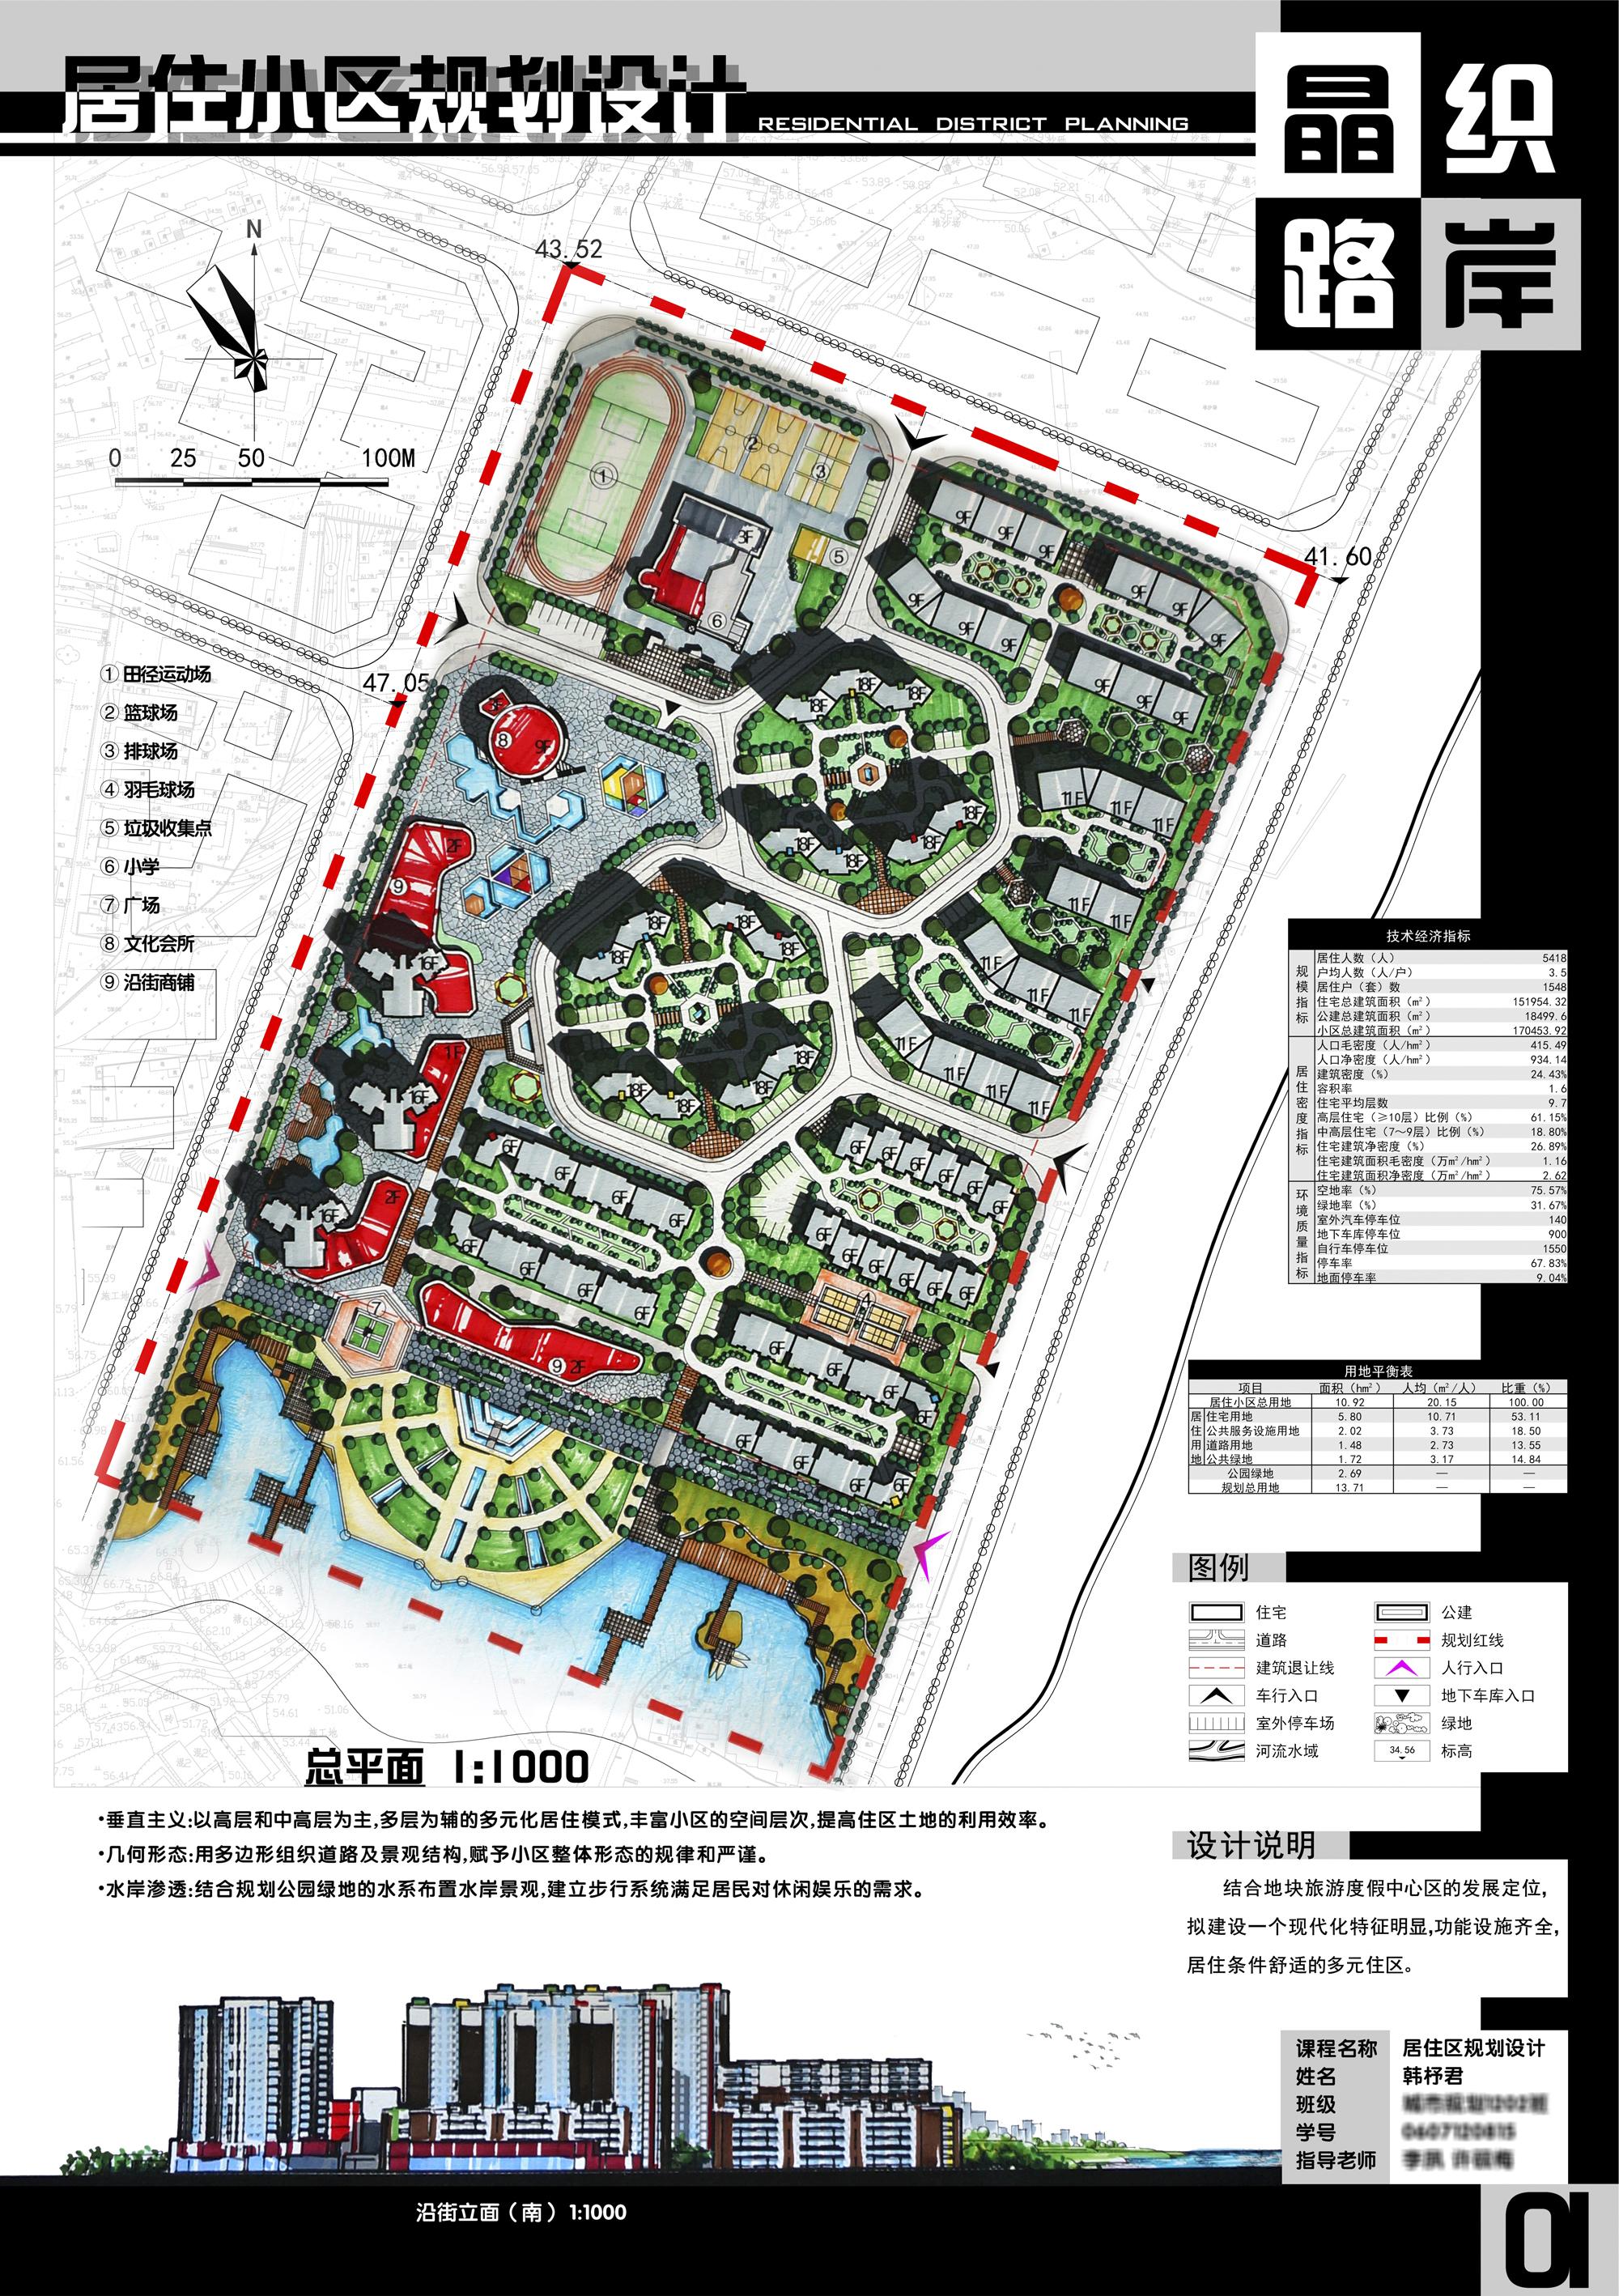 【居住区规划】居住小区规划设计